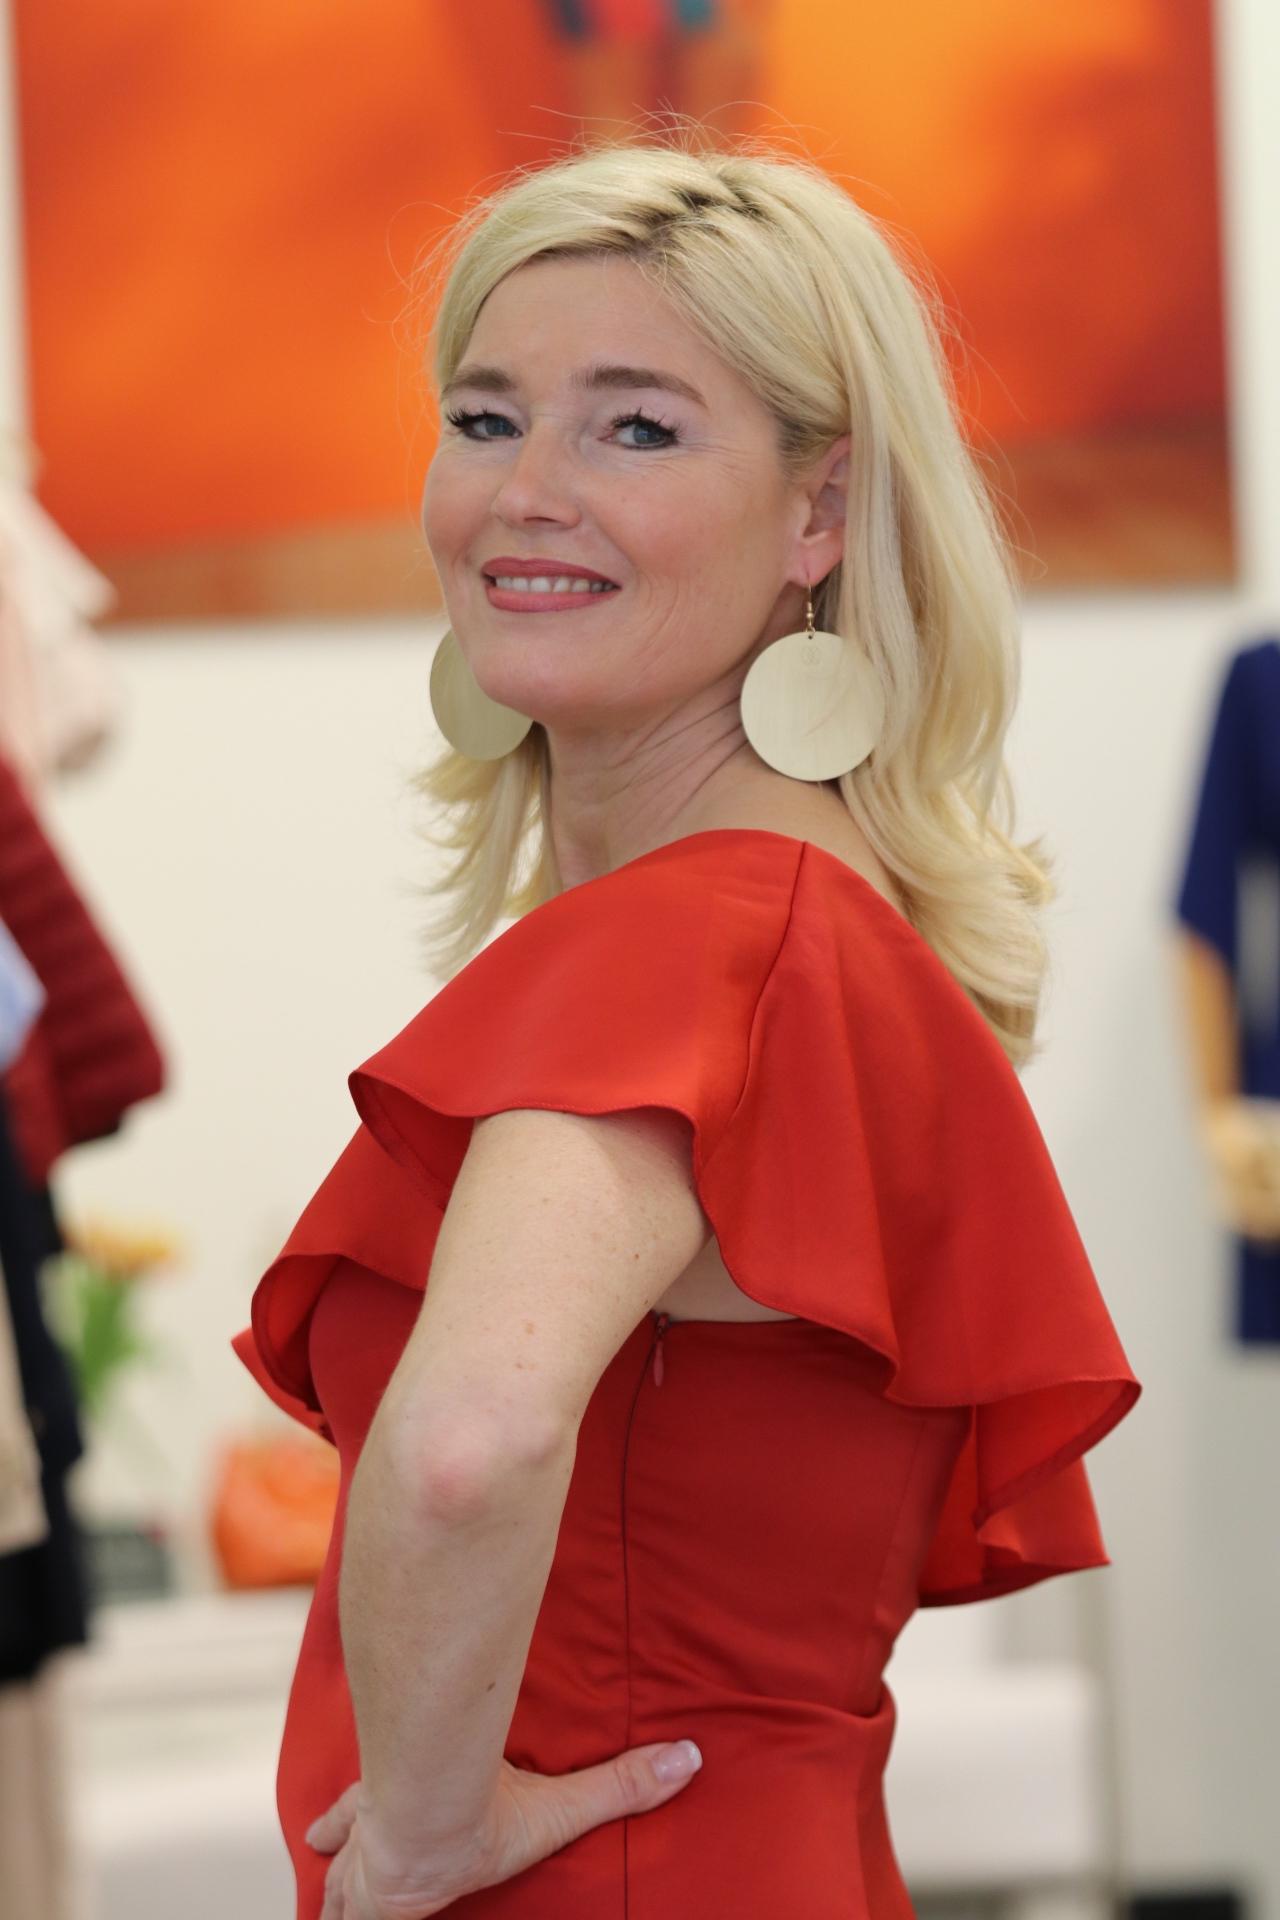 Rotes Kleid eine Schulter frei, schulterfreies rotes Kleid, Cuplé Düsseldorf, CupléDuesseldorf, Cuplé, Fashion-Blog, Lieblingsstil.com,